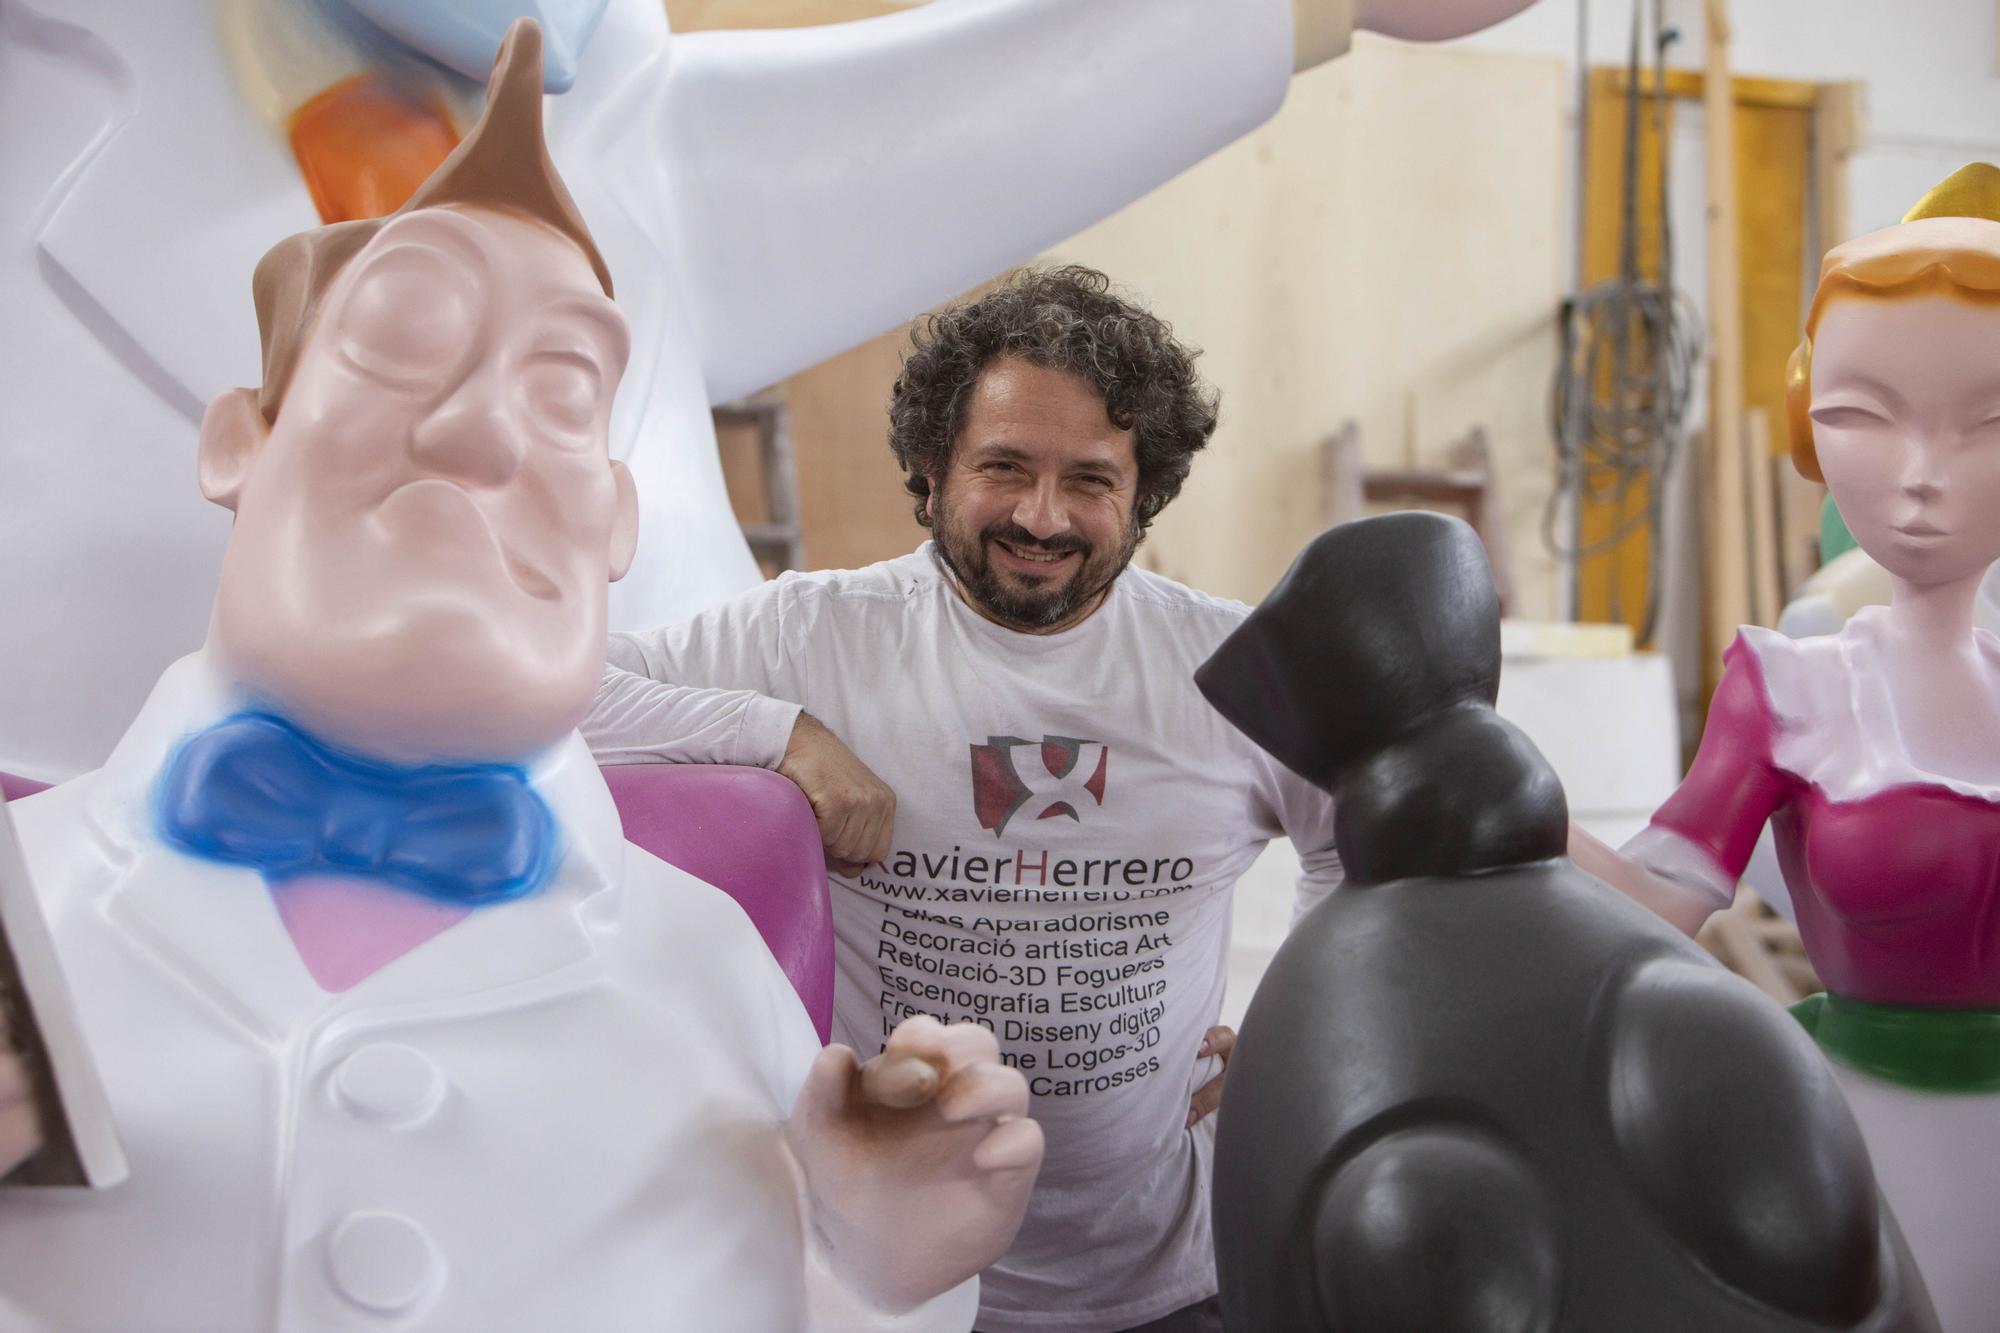 El artista fallero Xavier Herrero abre las puertas de su taller y analiza la situación del sector tras la suspensión de 2020